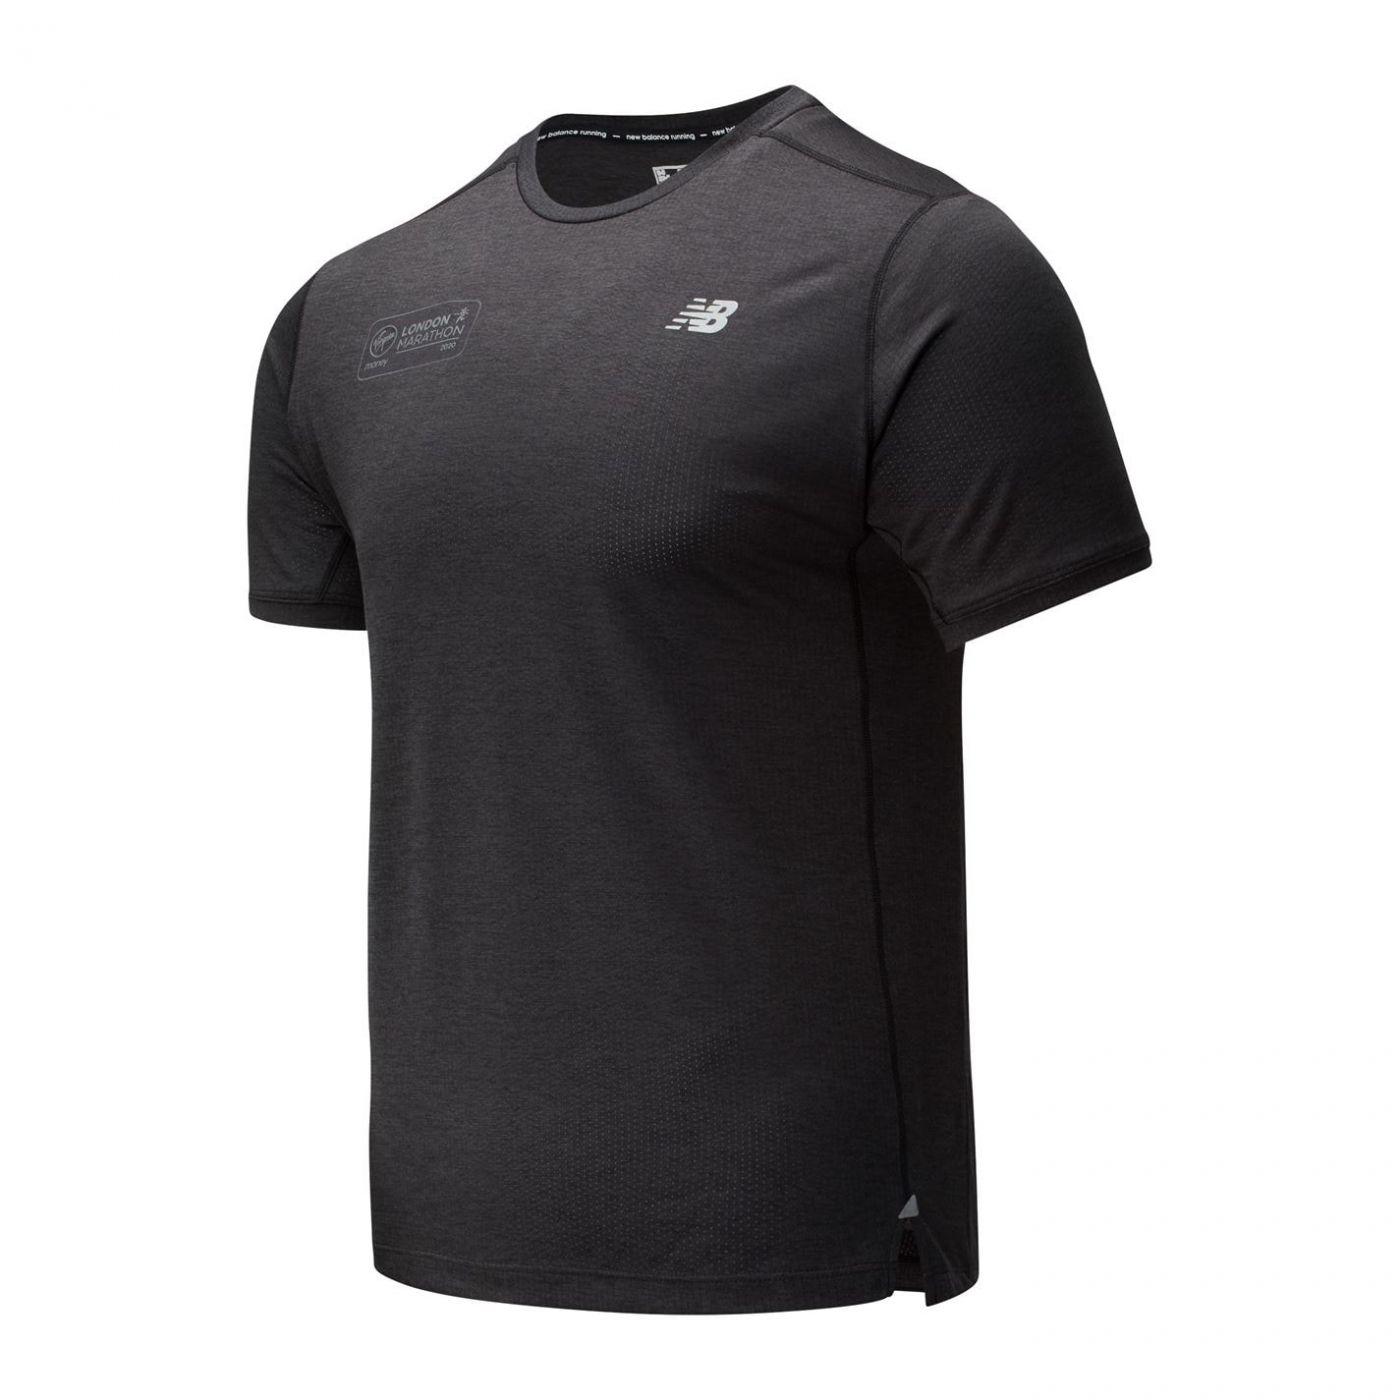 New Balance MTE T Shirt Mens